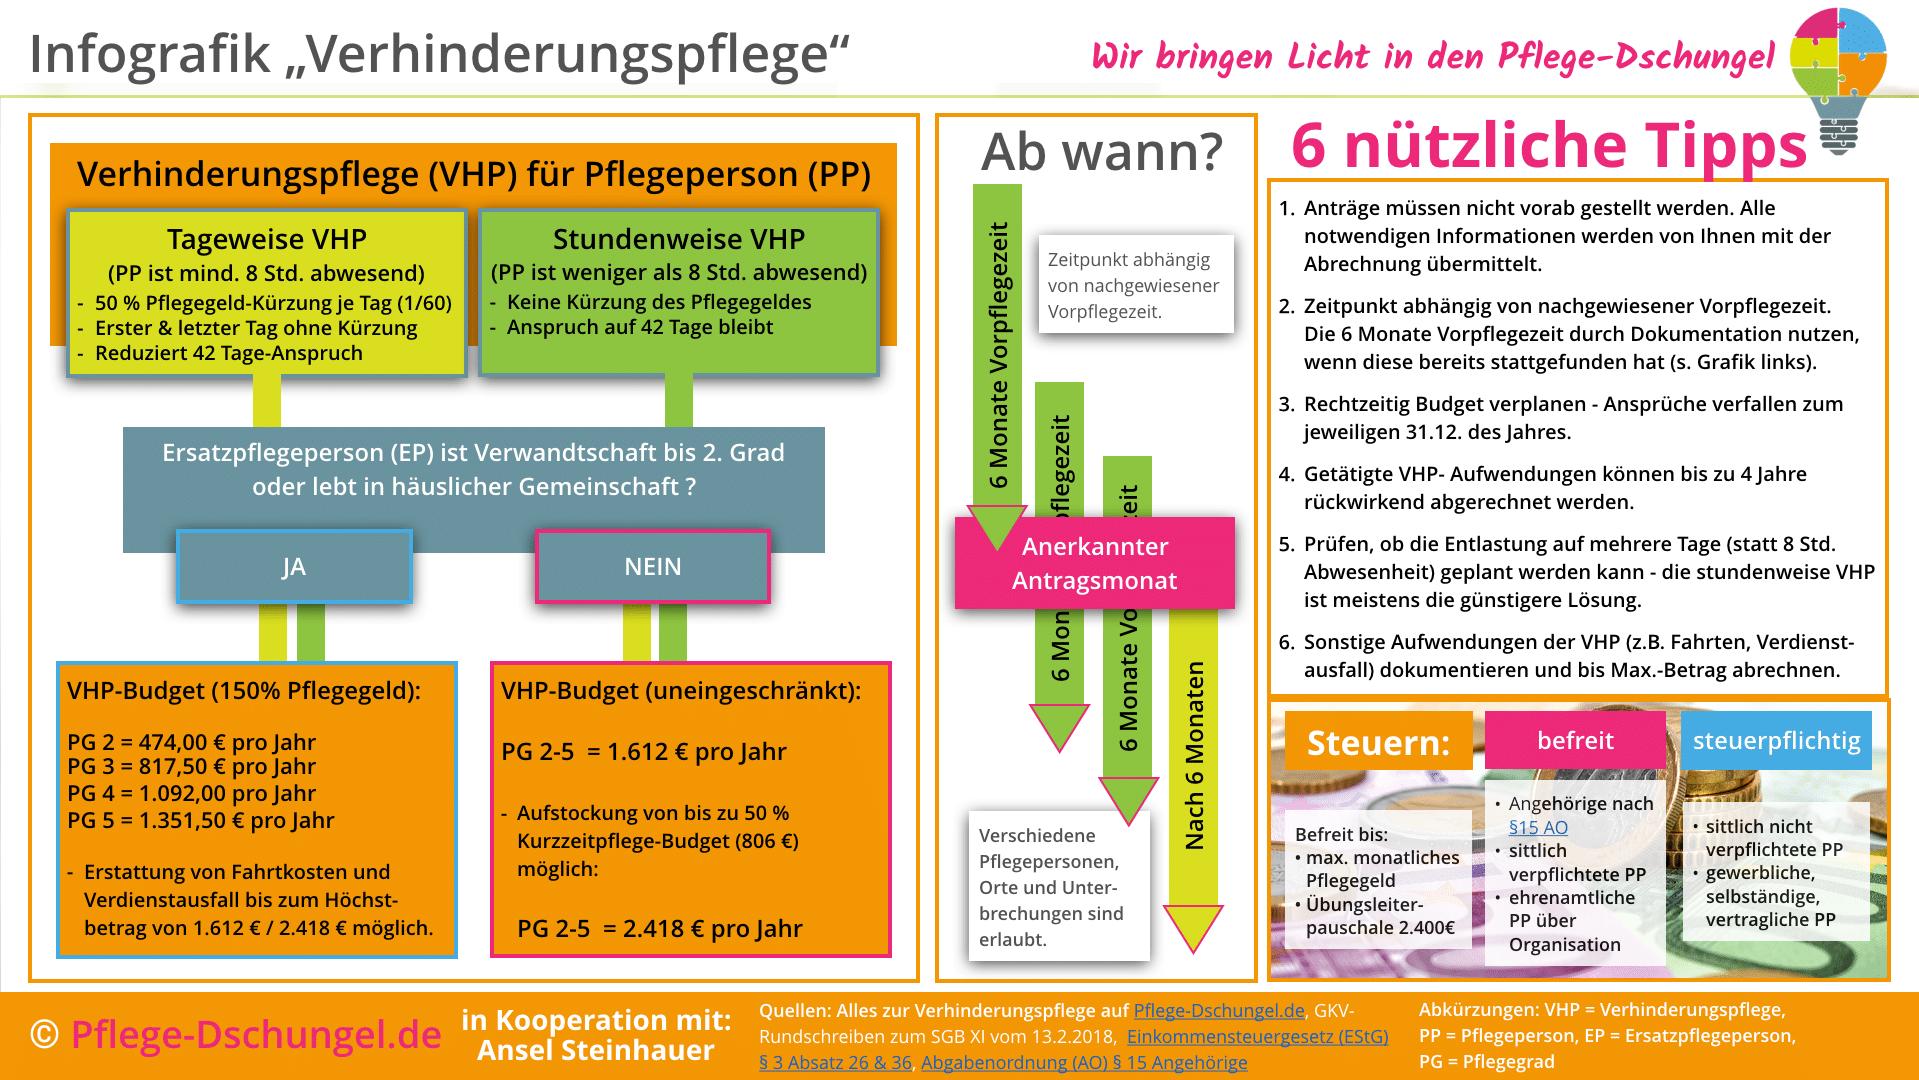 Infografik zur Verhinderungspflege